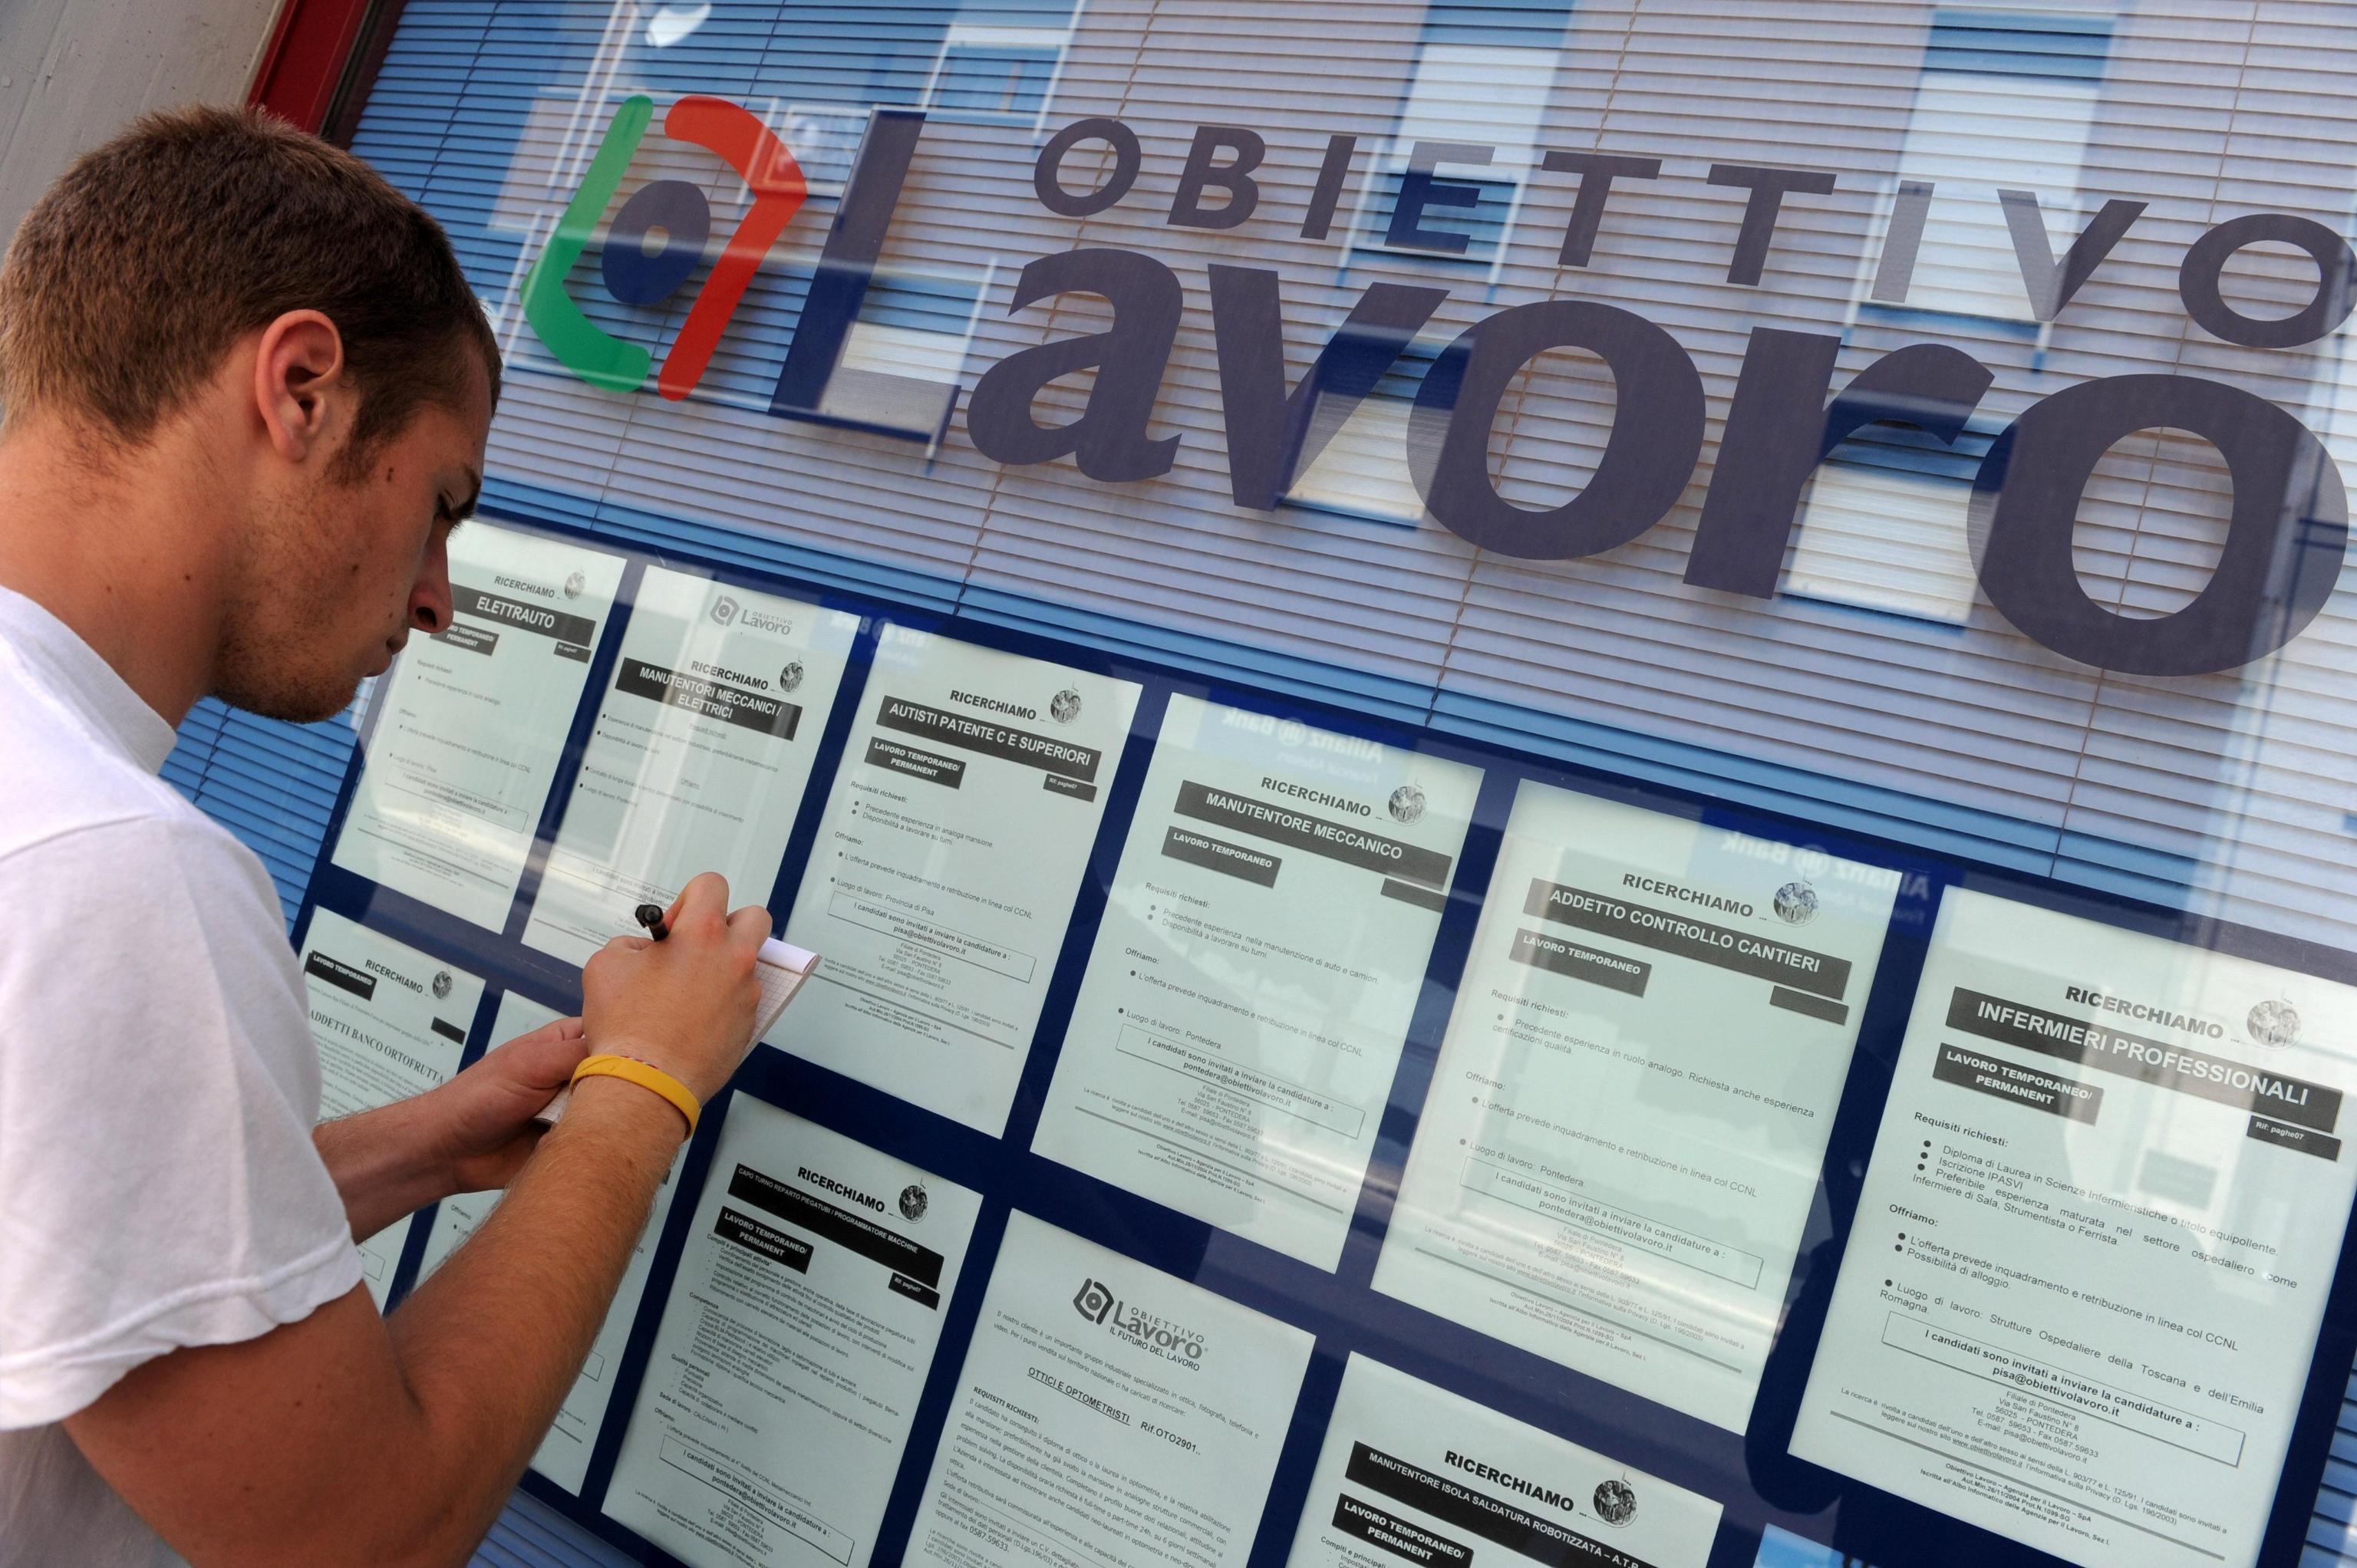 ++ LAVORO:DISOCCUPAZIONE GIOVANI SETTEMBRE 29,3%,TOP 2004 ++